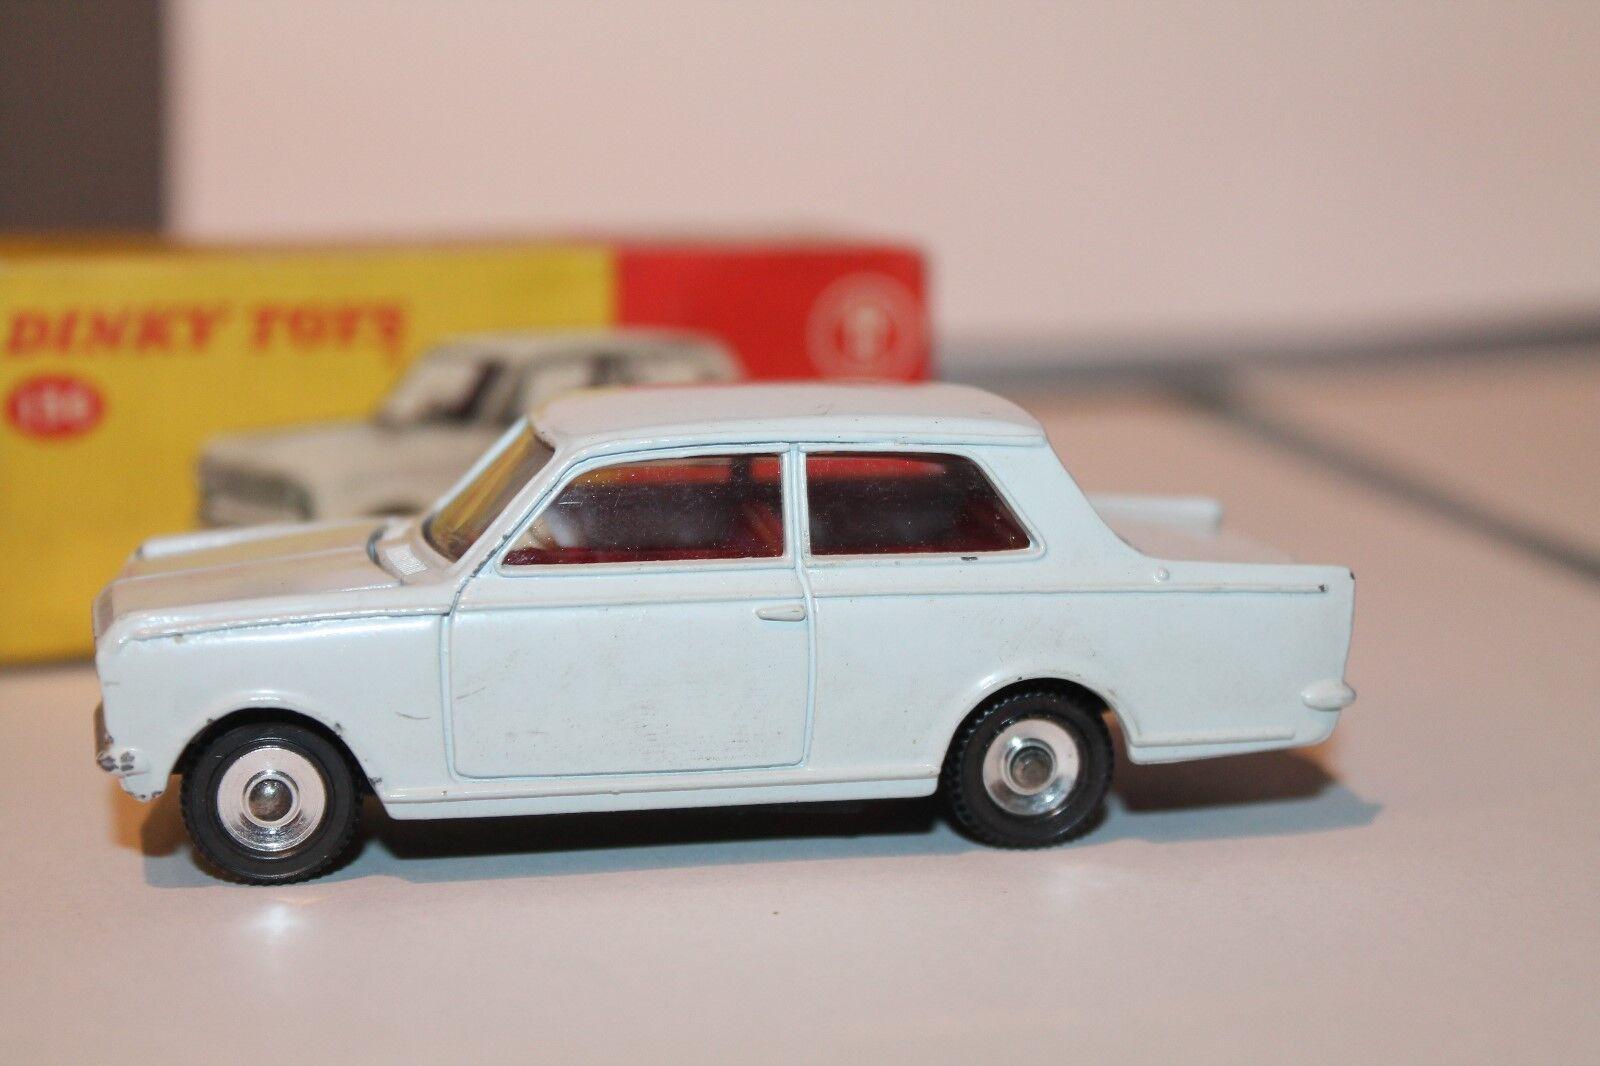 Dinky Toys 136  VAUXHALL  VIVA  BOXED  Original Meccano  RAR  en solde 70% de réduction